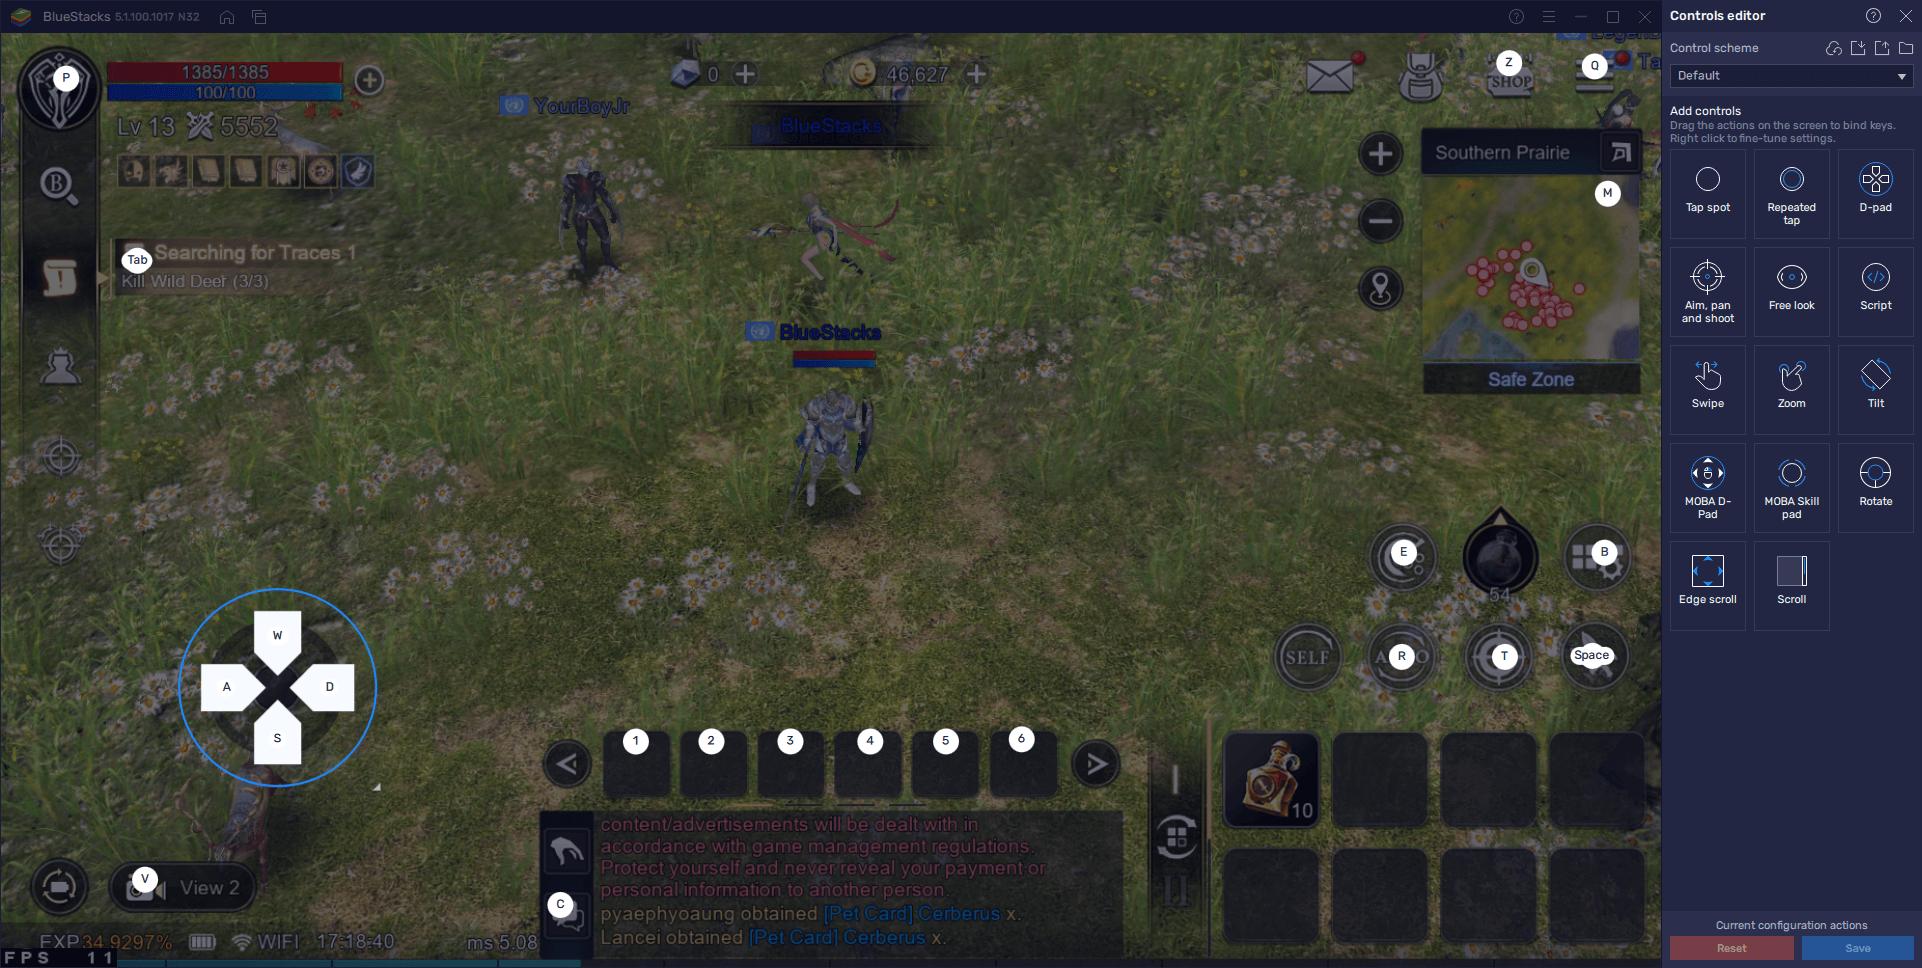 Guide BlueStacks pour Kingdom: The Blood Pledge – Comment Utiliser les Outils de BlueStacks pour Dominer dans ce MMORPG Mobile